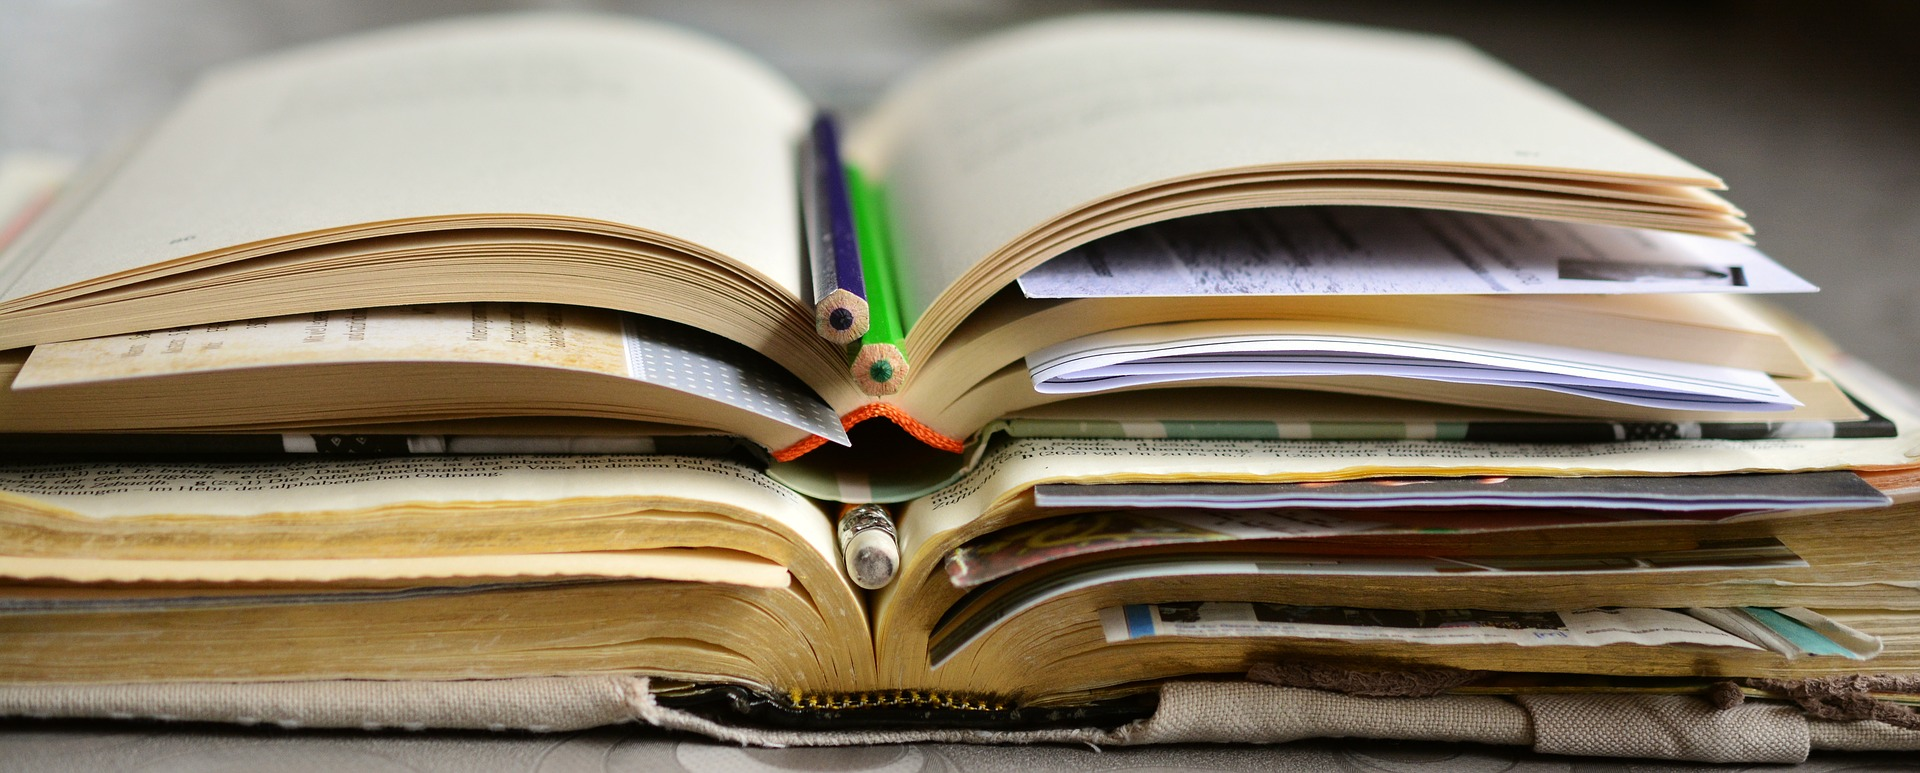 Kto dostanie darmowe podręczniki?